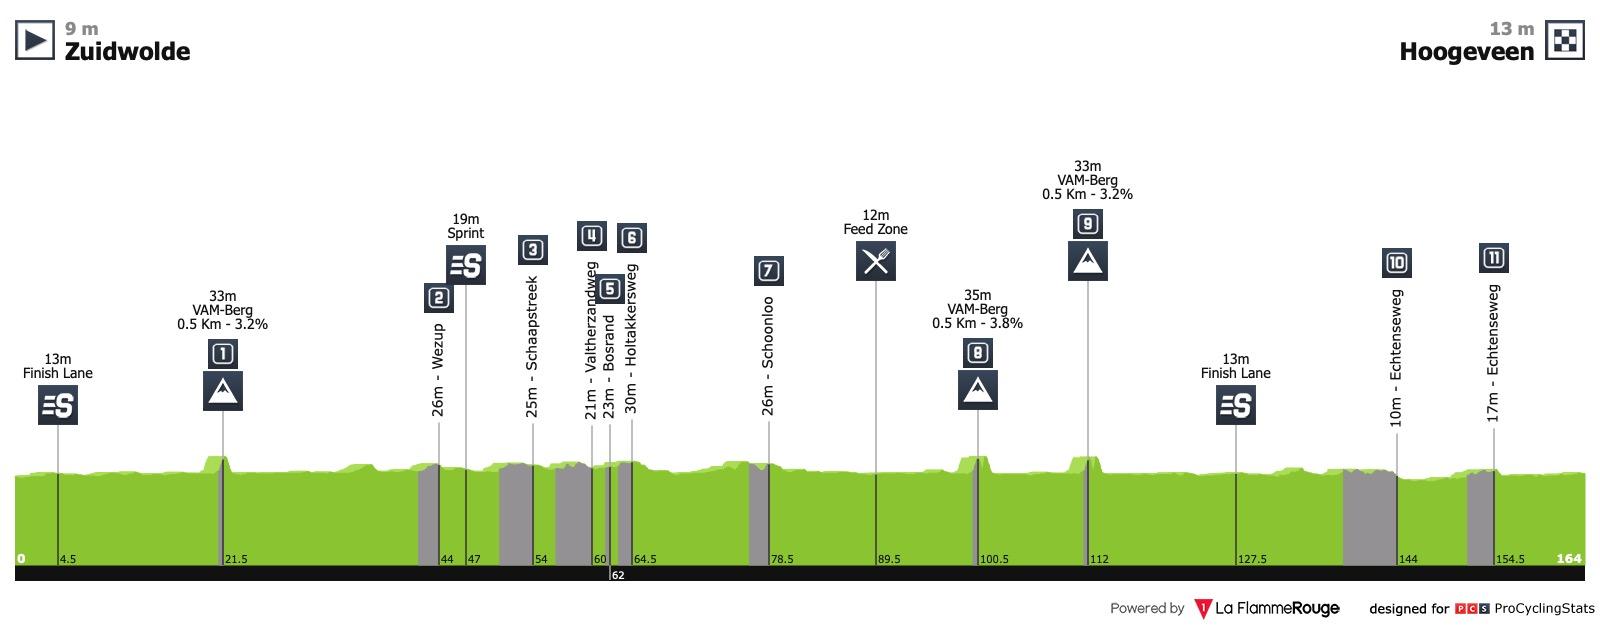 Women's WorldTour Ronde van Drenthe Womens-worldtour-ronde-van-drenthe-2019-profile-275a8787e8